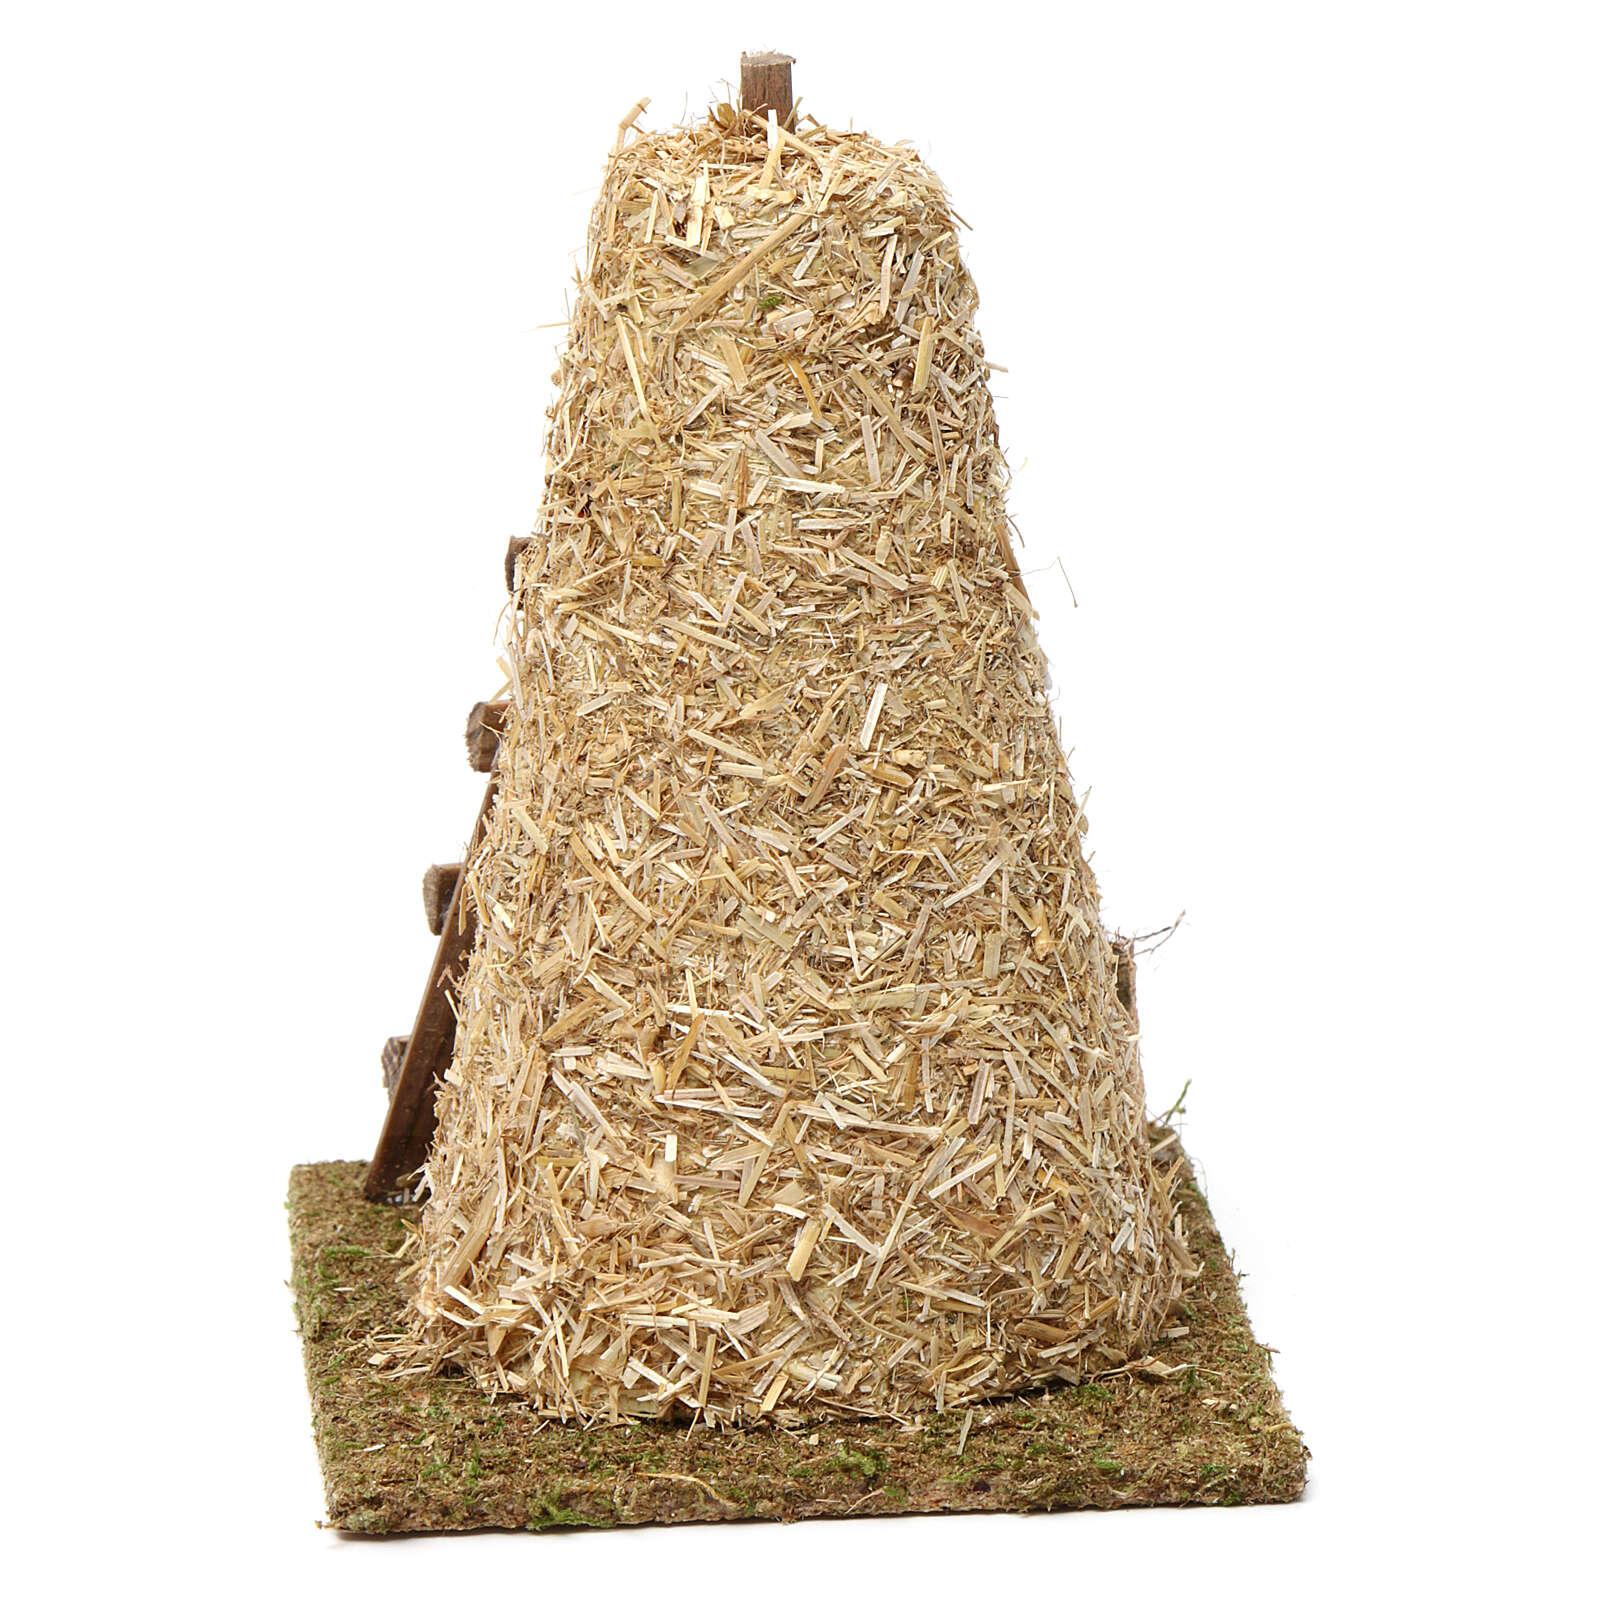 Stóg siana duży i drabina 20x10x15 cm do szopek 8-10 cm 4